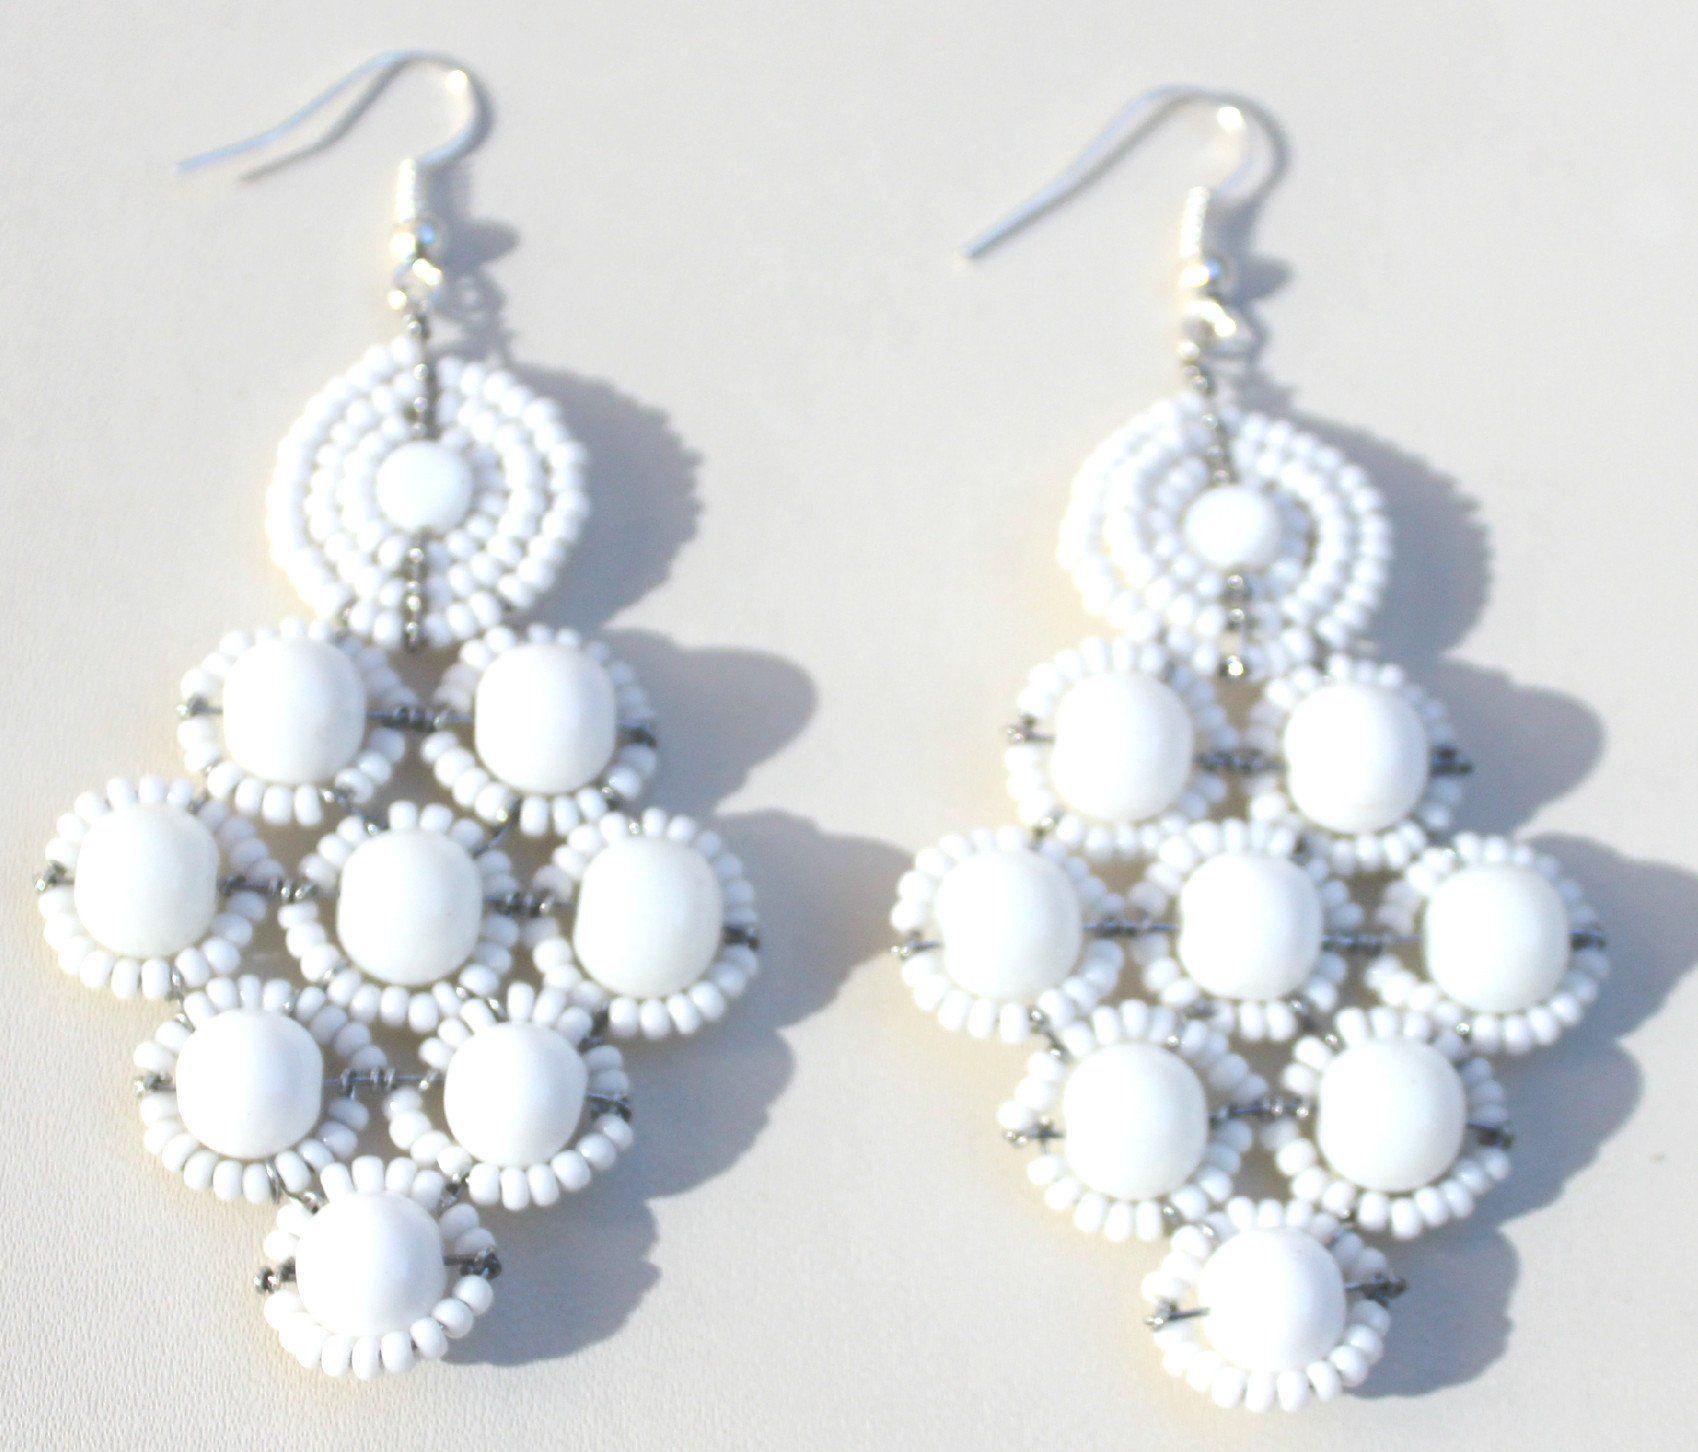 Clara chandelier earrings chandelier earrings and products clara chandelier earrings arubaitofo Images